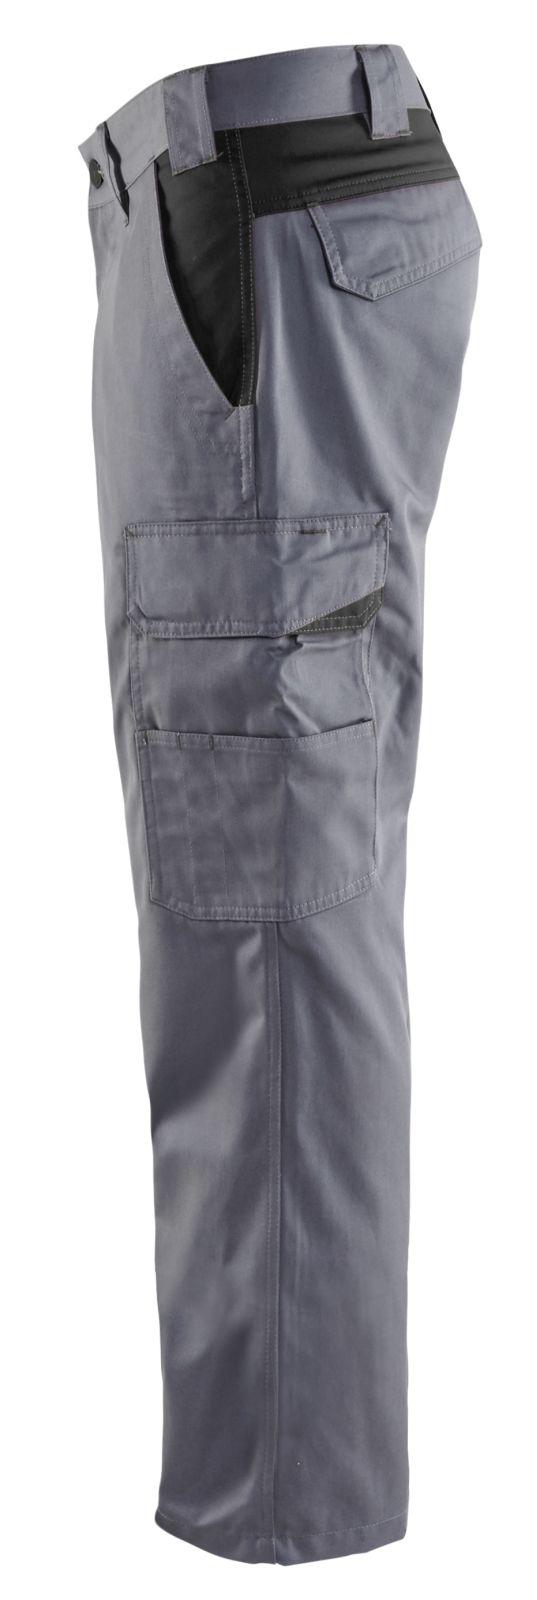 Blaklader Werkbroeken 14041800 grijs-zwart(9499)